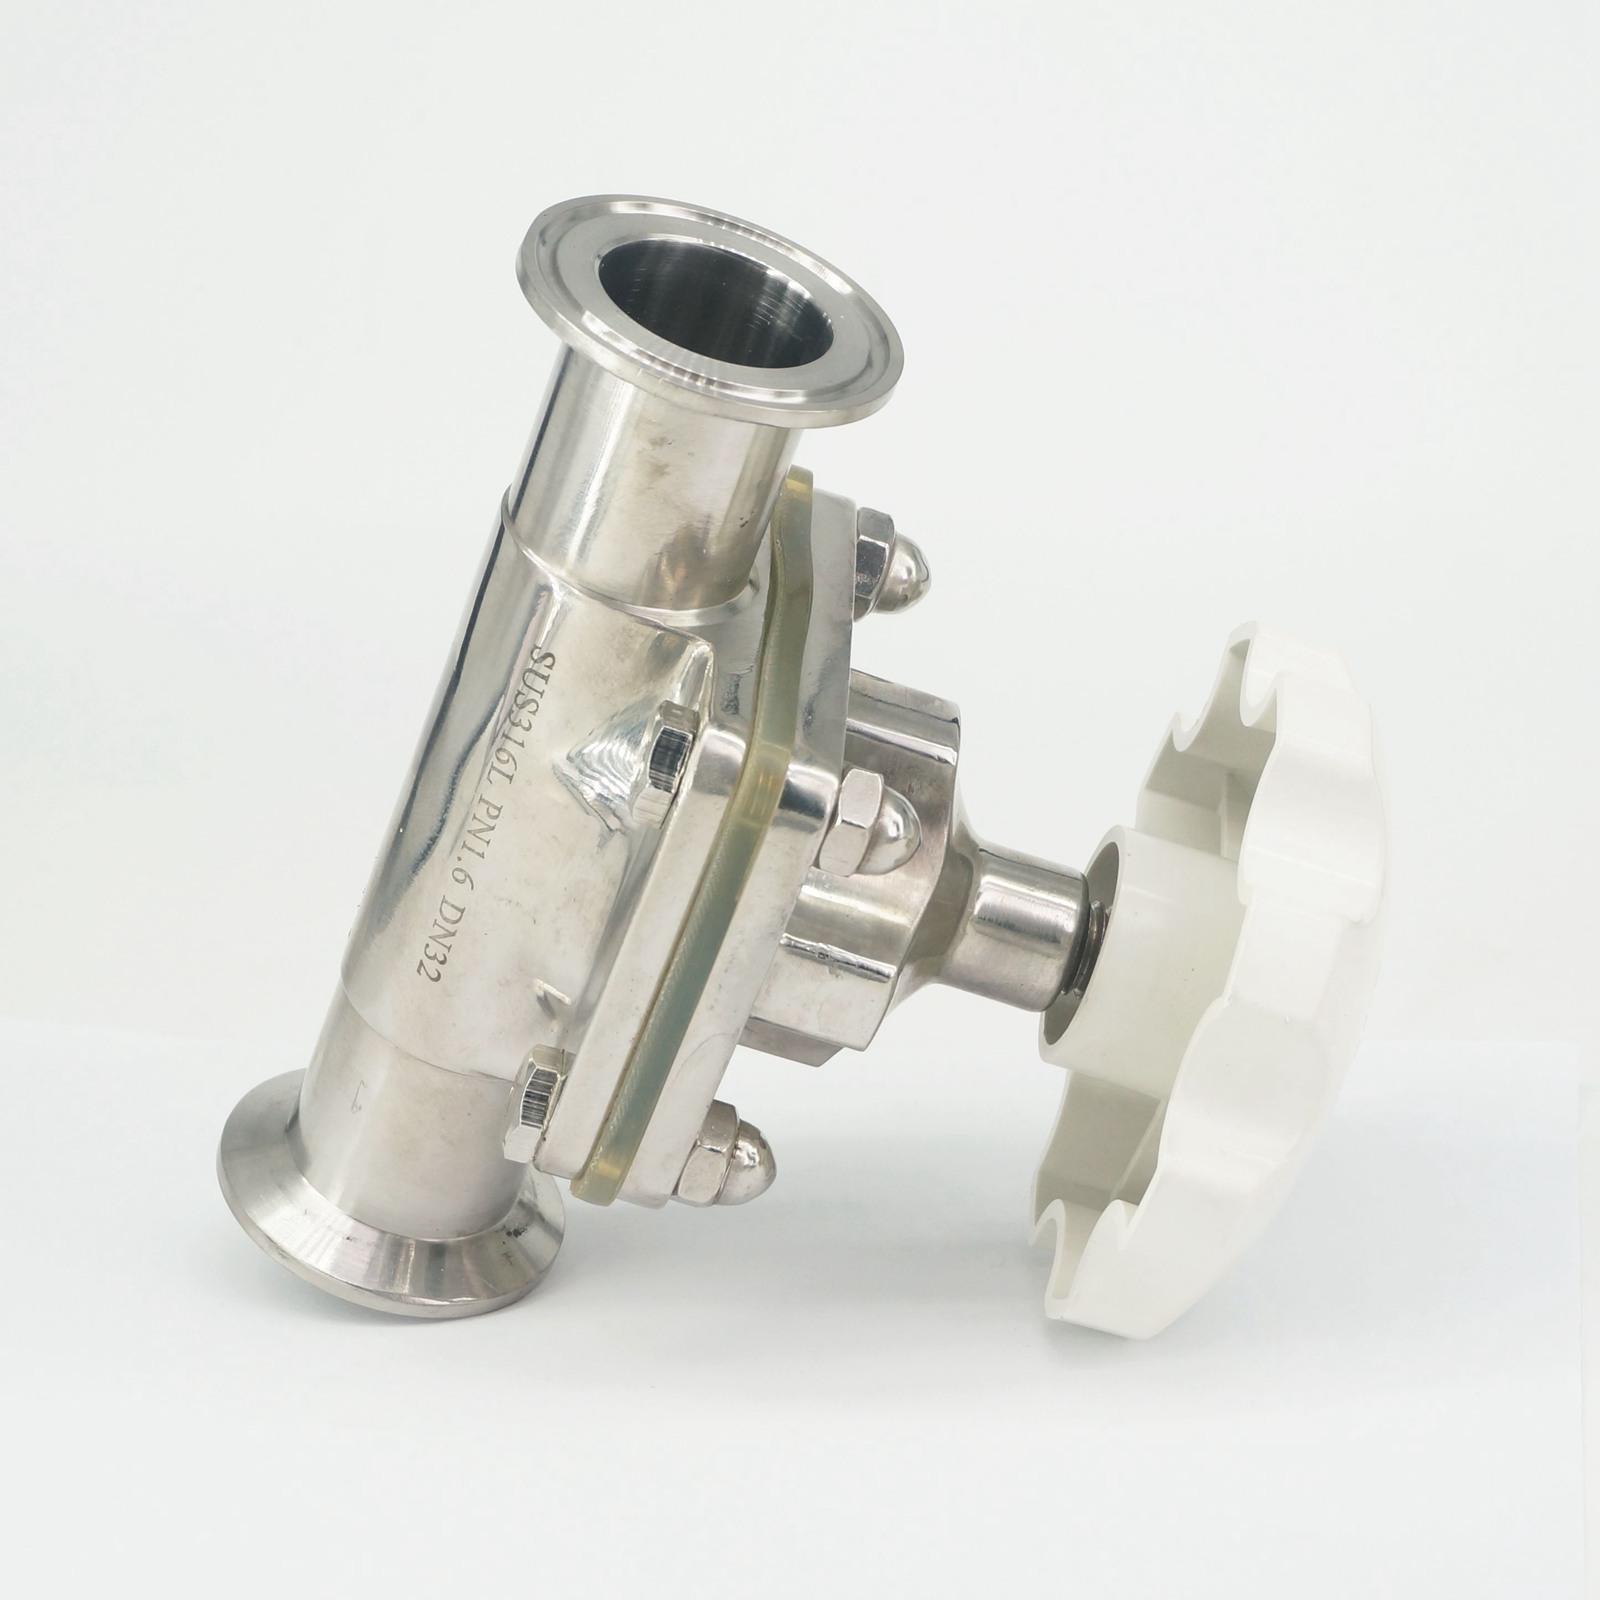 Neueste Kollektion Von 1-1/4 32mm 316 Edelstahl Sanitär Ferrule O/d 50,5mm Tri Clamp Membran Ventil Brauen Bier Milch Produkt Einen Einzigartigen Nationalen Stil Haben Sanitär